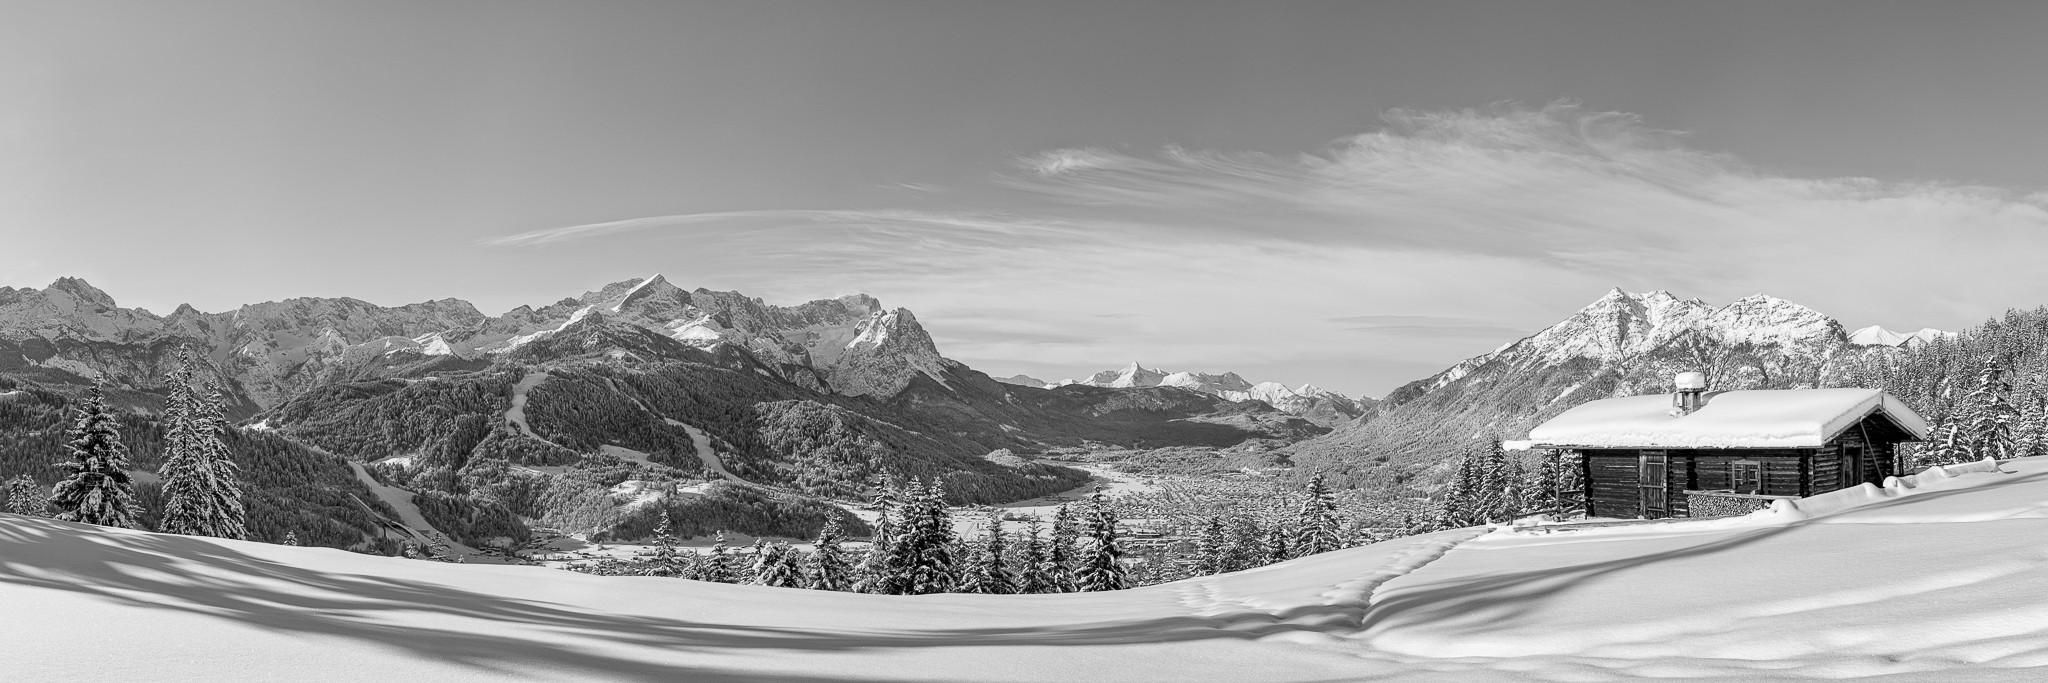 Schwarz Weiß - Traumwetter in Garmisch-Partenkirchen. Blick auf das verschneite Garmisch-Partenkirchen und das Bergpanorama mit Zugspitze.